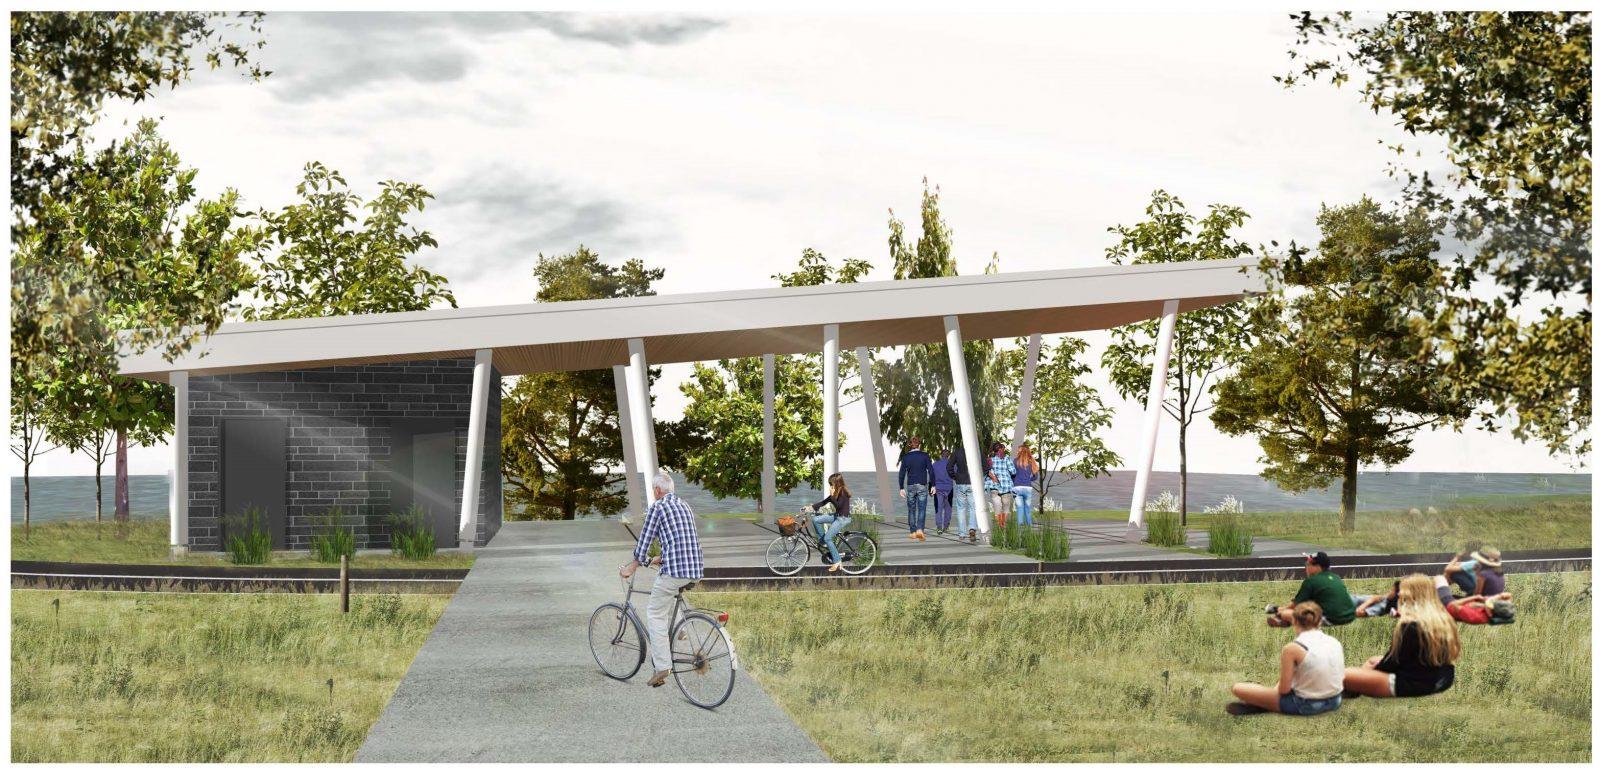 Un nouveau bâtiment sera érigé sur le site Kounak